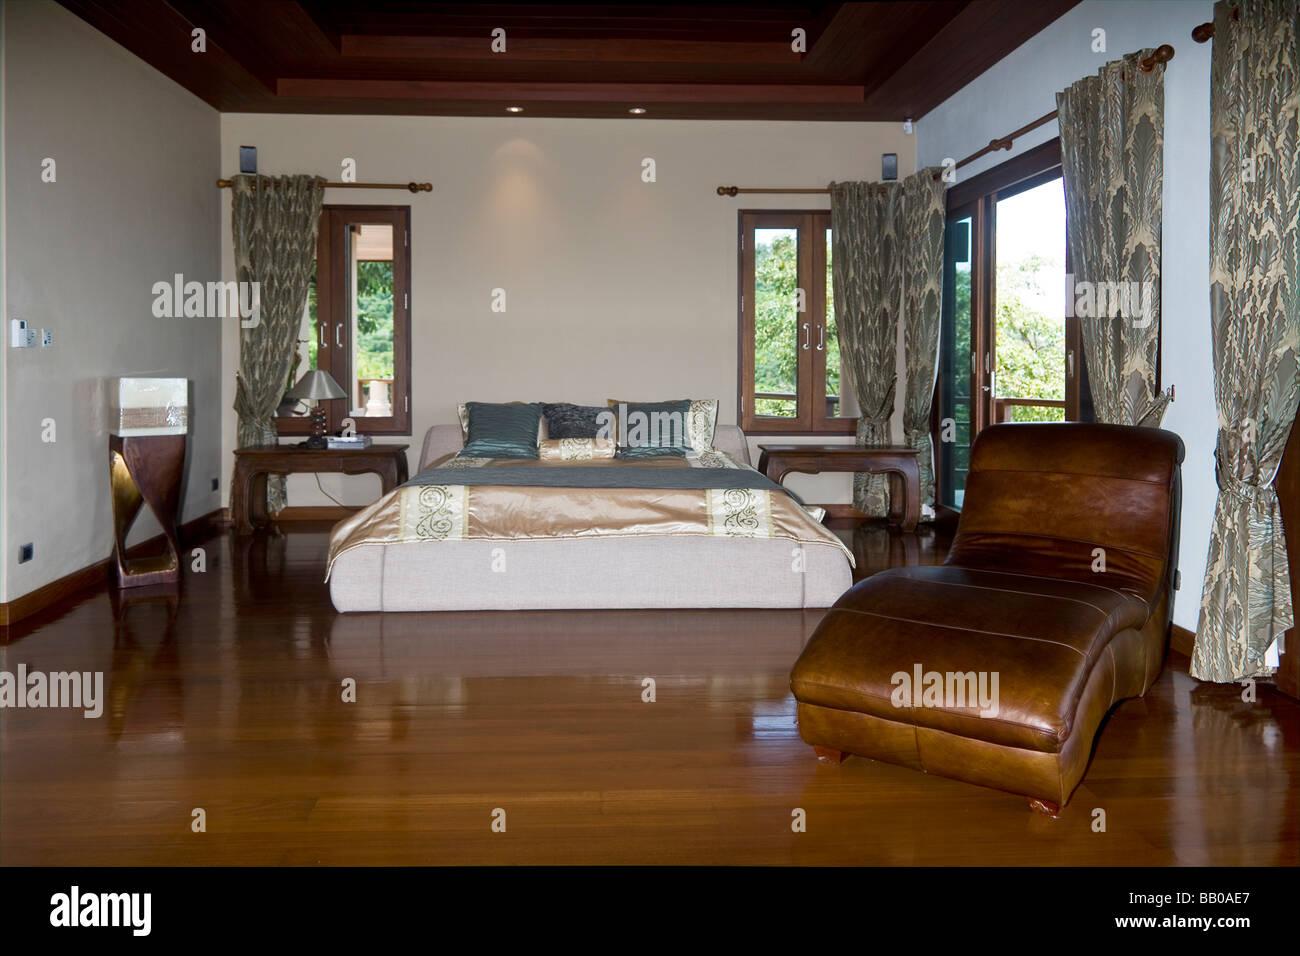 Luxuriöse tropische Villa Schlafzimmer mit hochglanzpolierten Teak ...